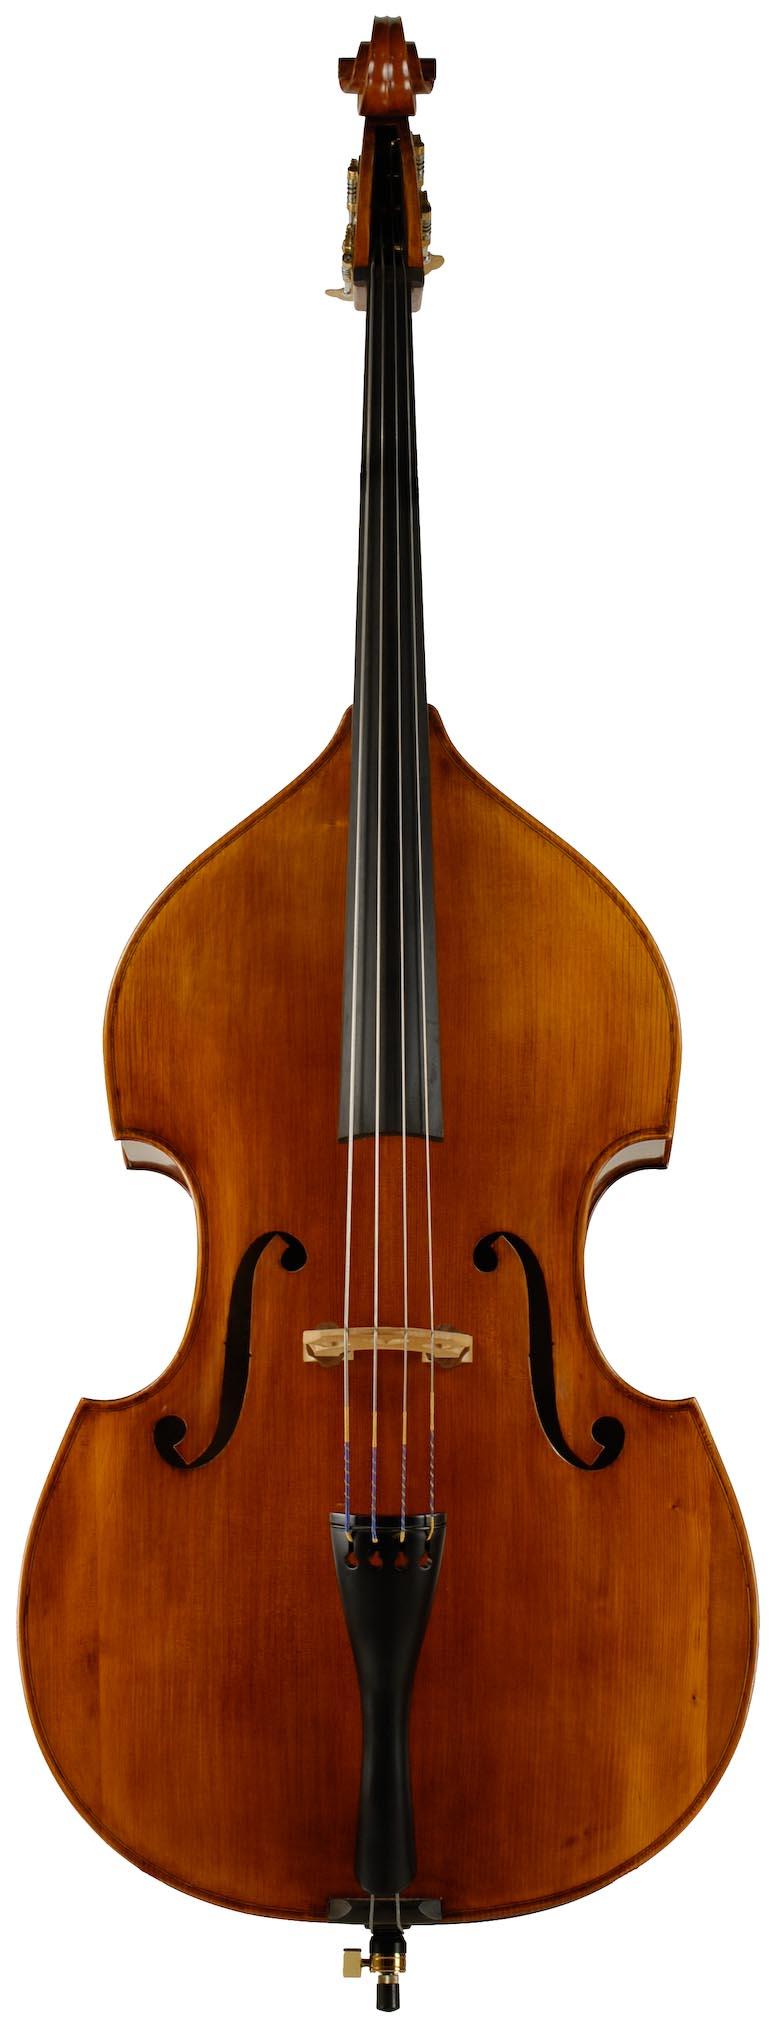 Shen model 150 Bass